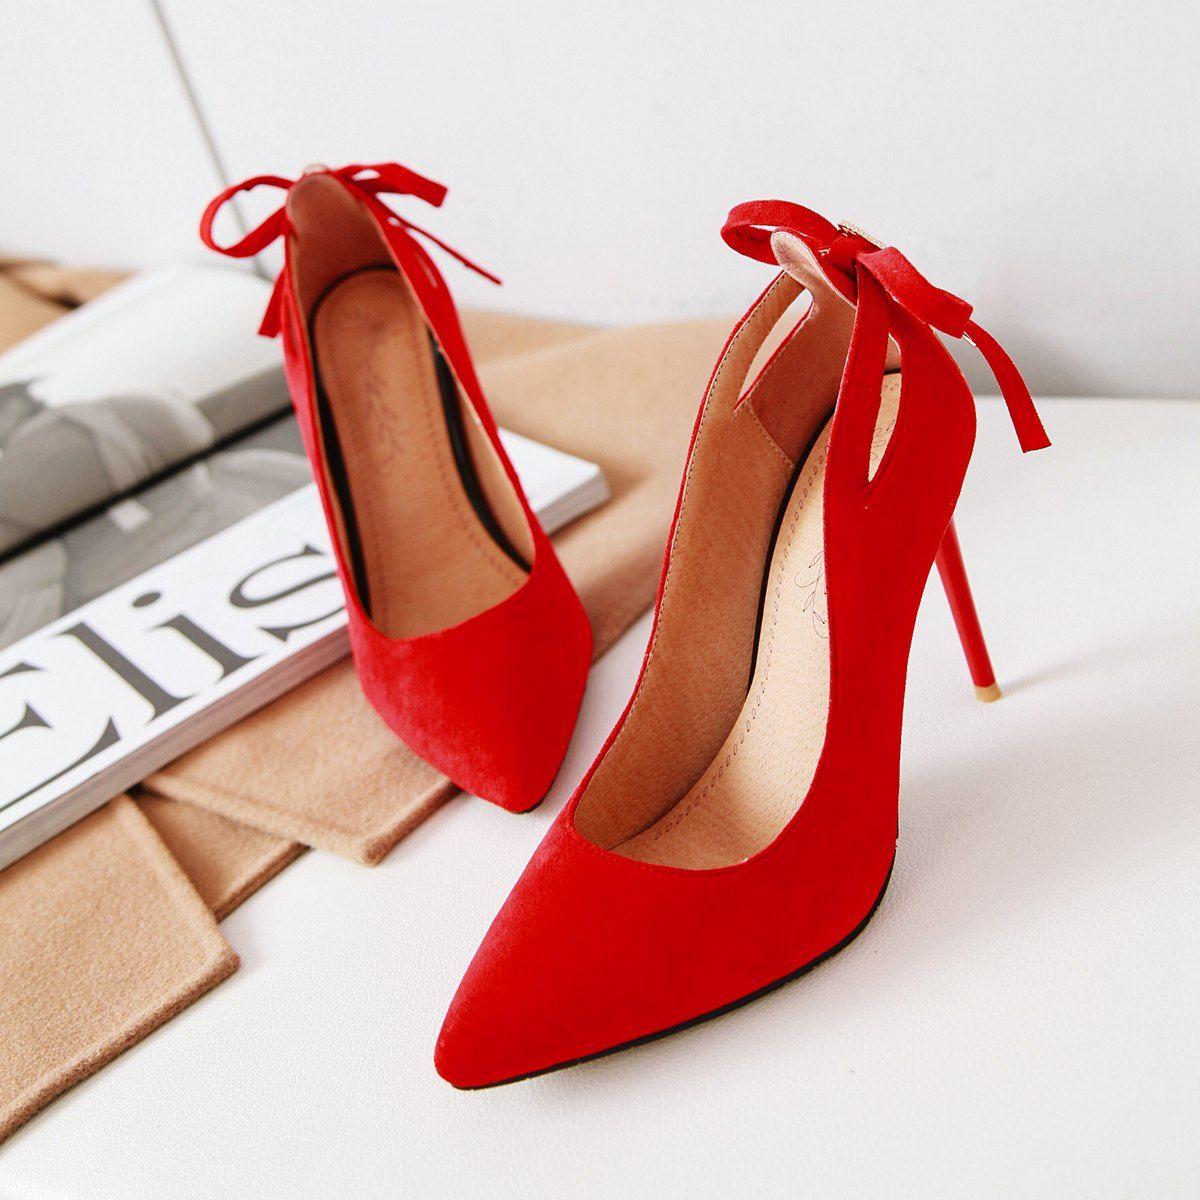 Les nouvelles chaussures de mariage talon aiguille sexy Suede Retour de coupe-Bowtie femmes Pointu Toe Pompes 100mm mode de talons hauts pour femmes Robe Bureau